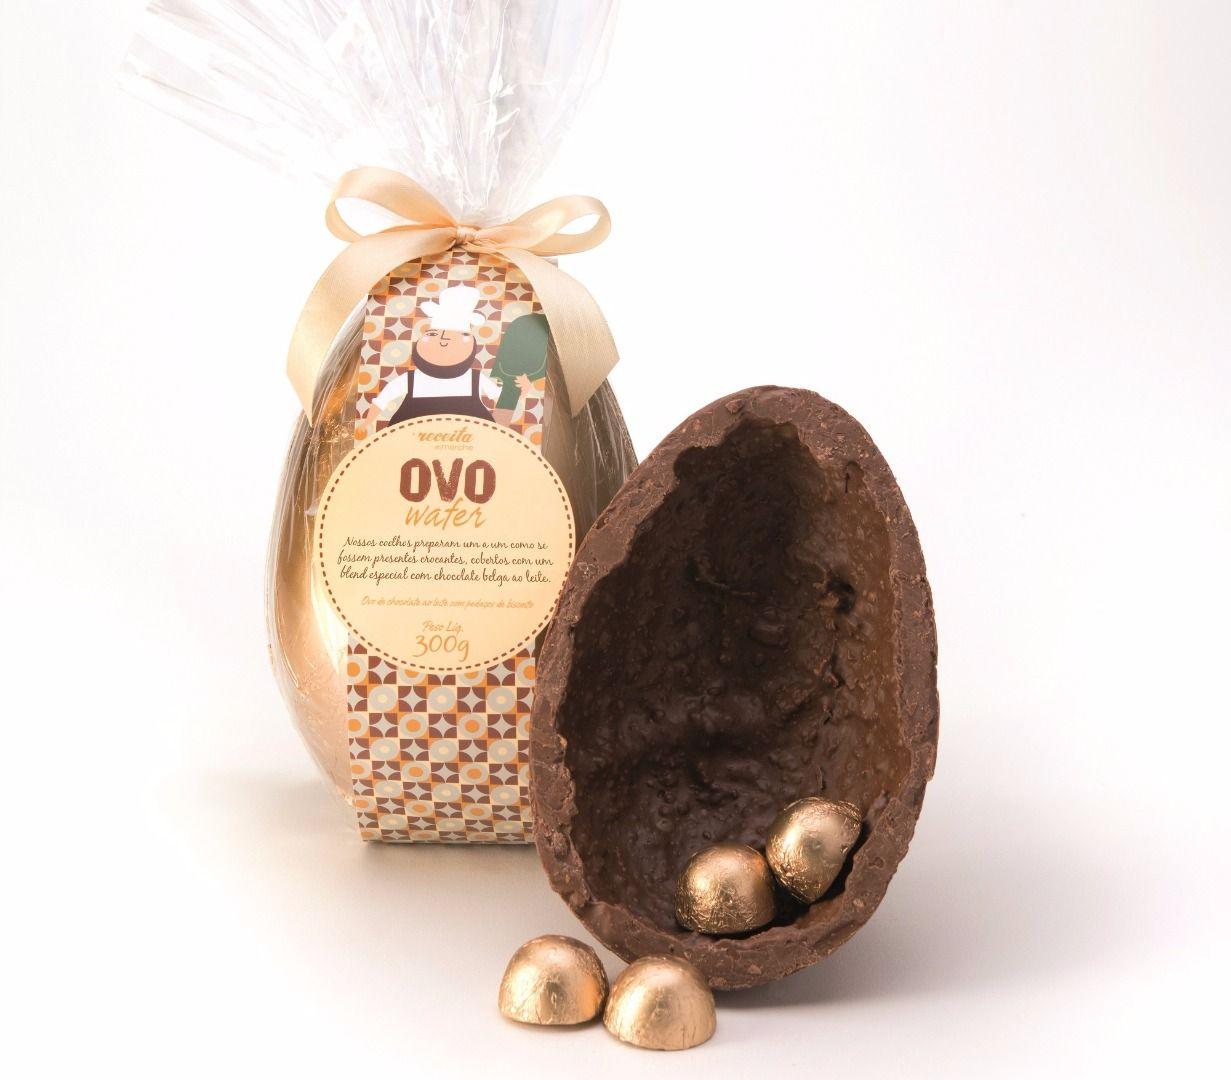 Conheça os benefícios do chocolate para a saúde e prepare-se para a Páscoa